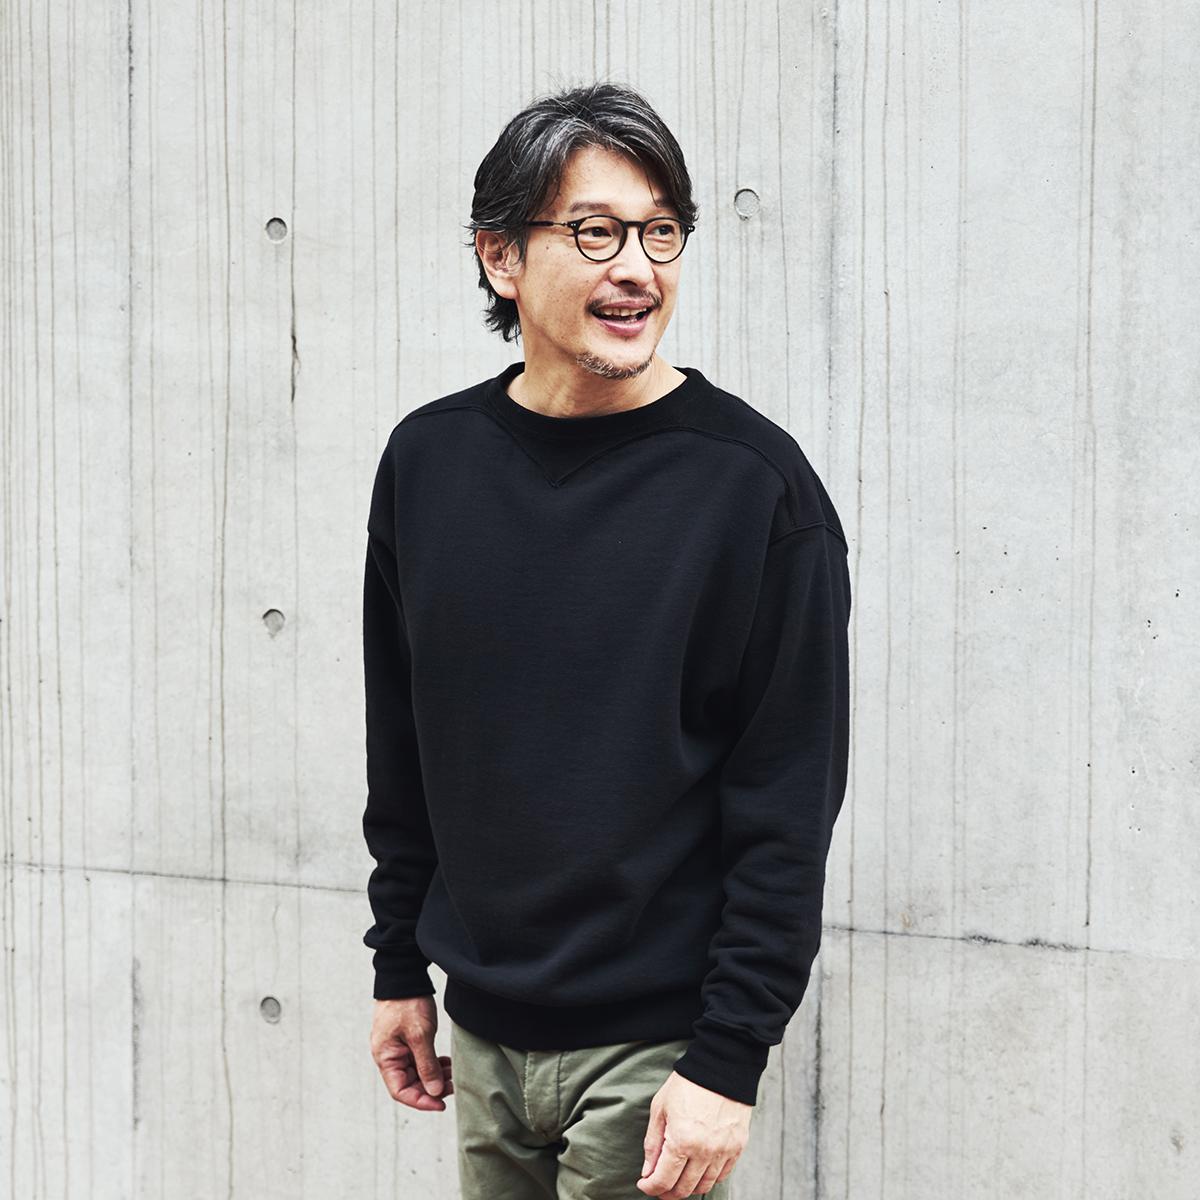 設立はなんと1876年。黄金時代の一着に身を包む高揚感を。スポルディング社の名作から、現存していない「ブラック」をMade in Japanで「フットボールシャツ」|A.G. Spalding & Bros